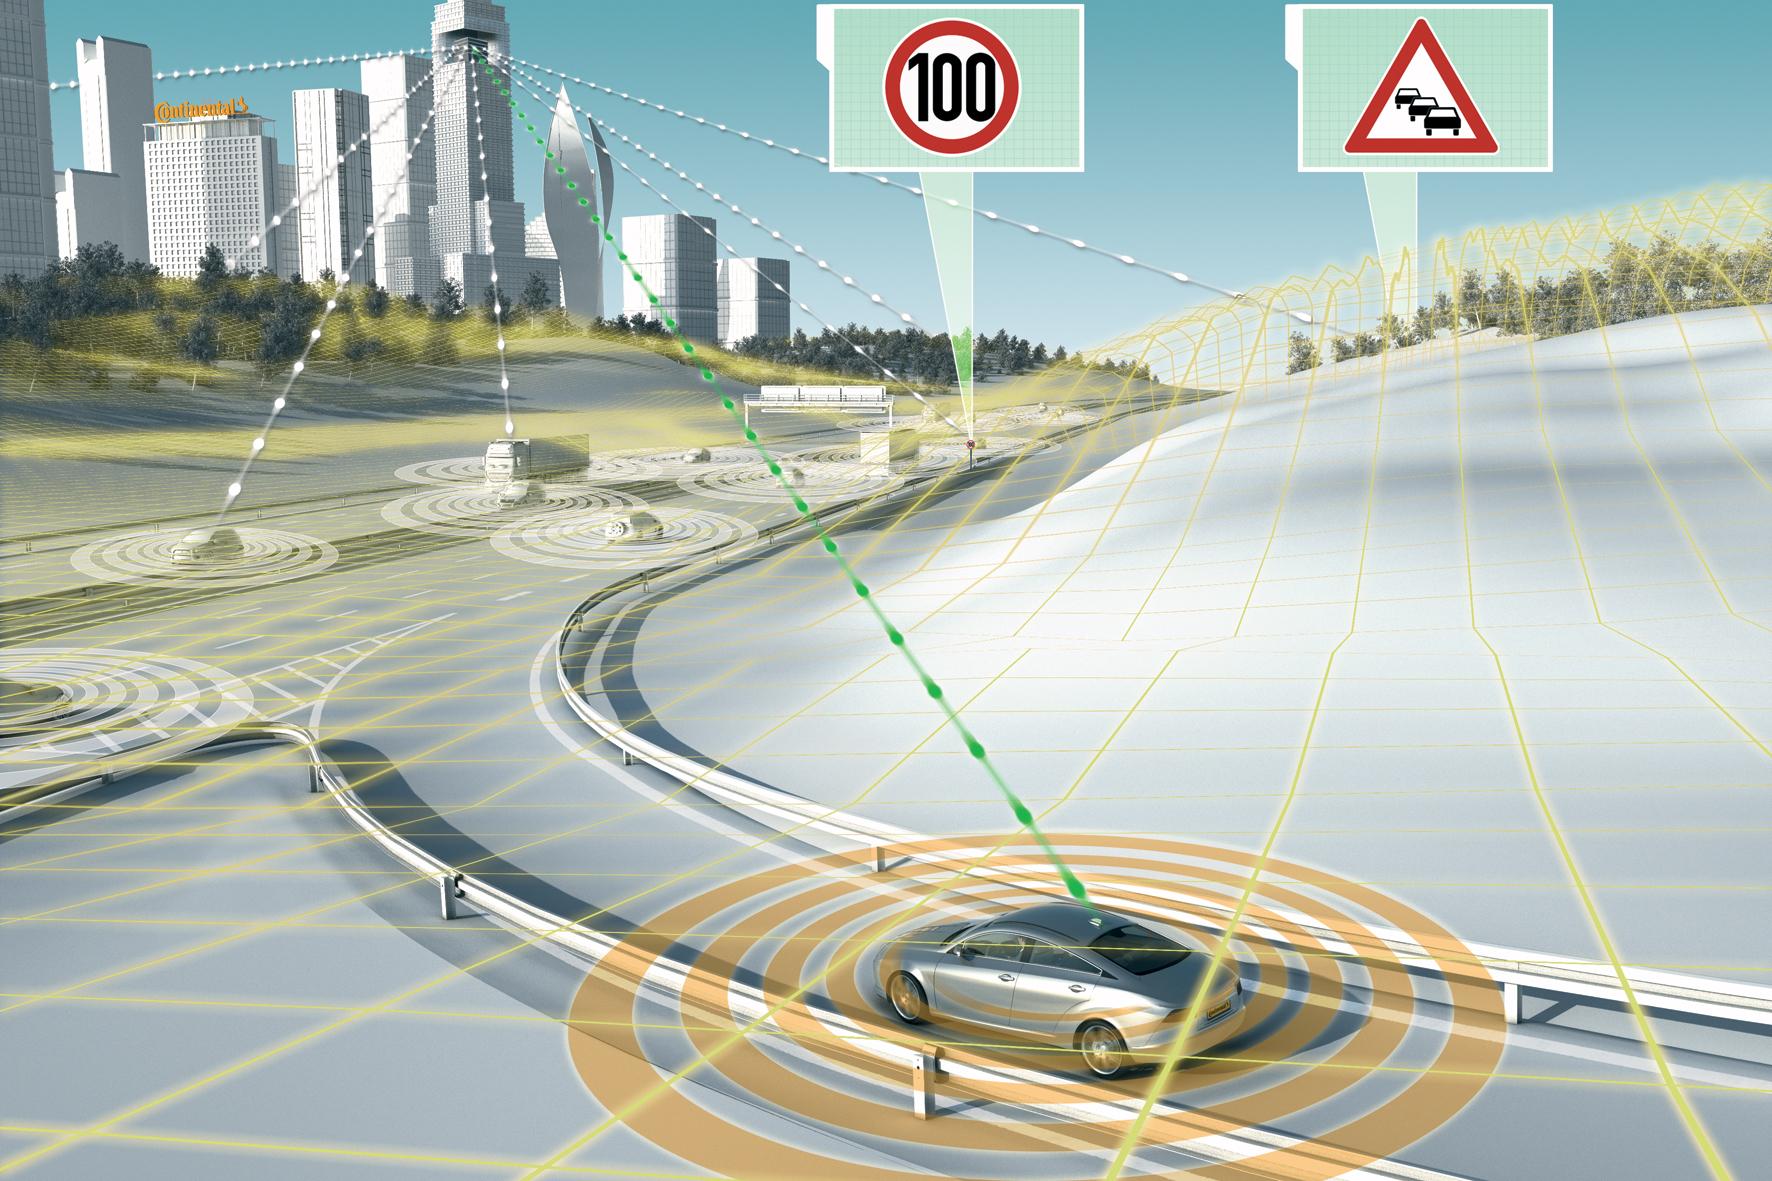 mid Frankfurt am Main - Durch die Kombination von Sensor-Informationen der Assistenzsysteme von Pkw und topografischen Streckendaten will Continental vorausschauendes Fahren in einer neuen Dimension ermöglichen.